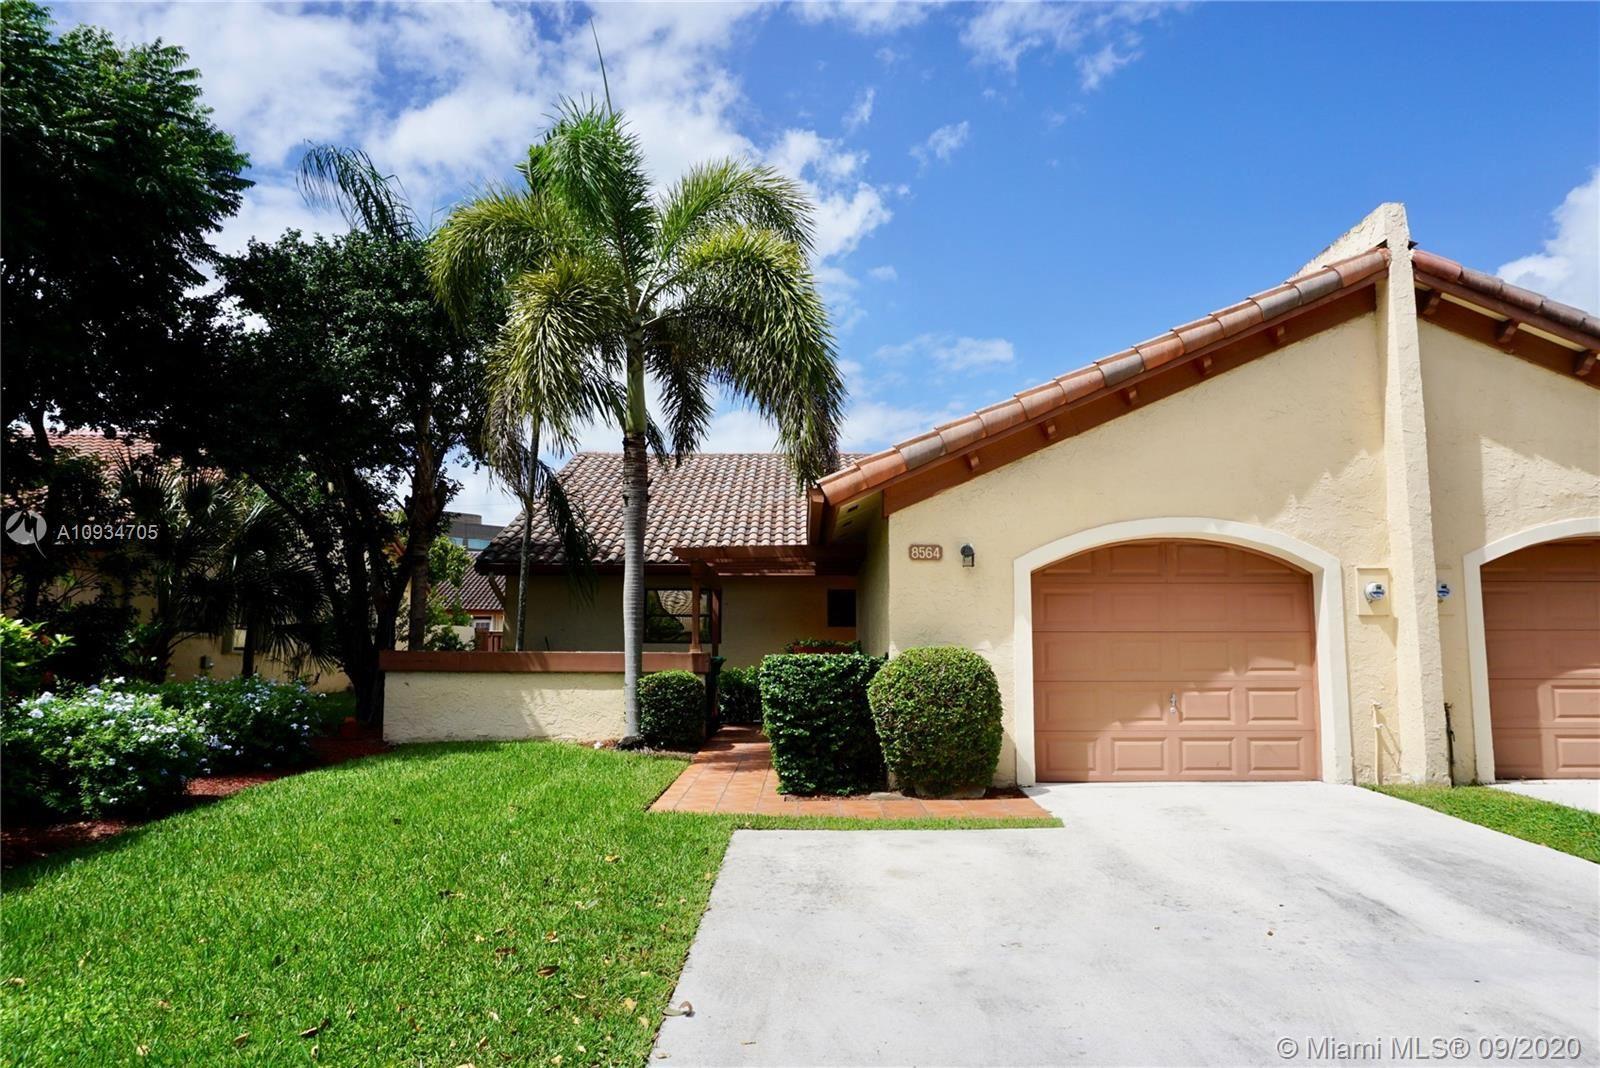 8564 SW 115th Ct, Miami, FL 33173 - #: A10934705